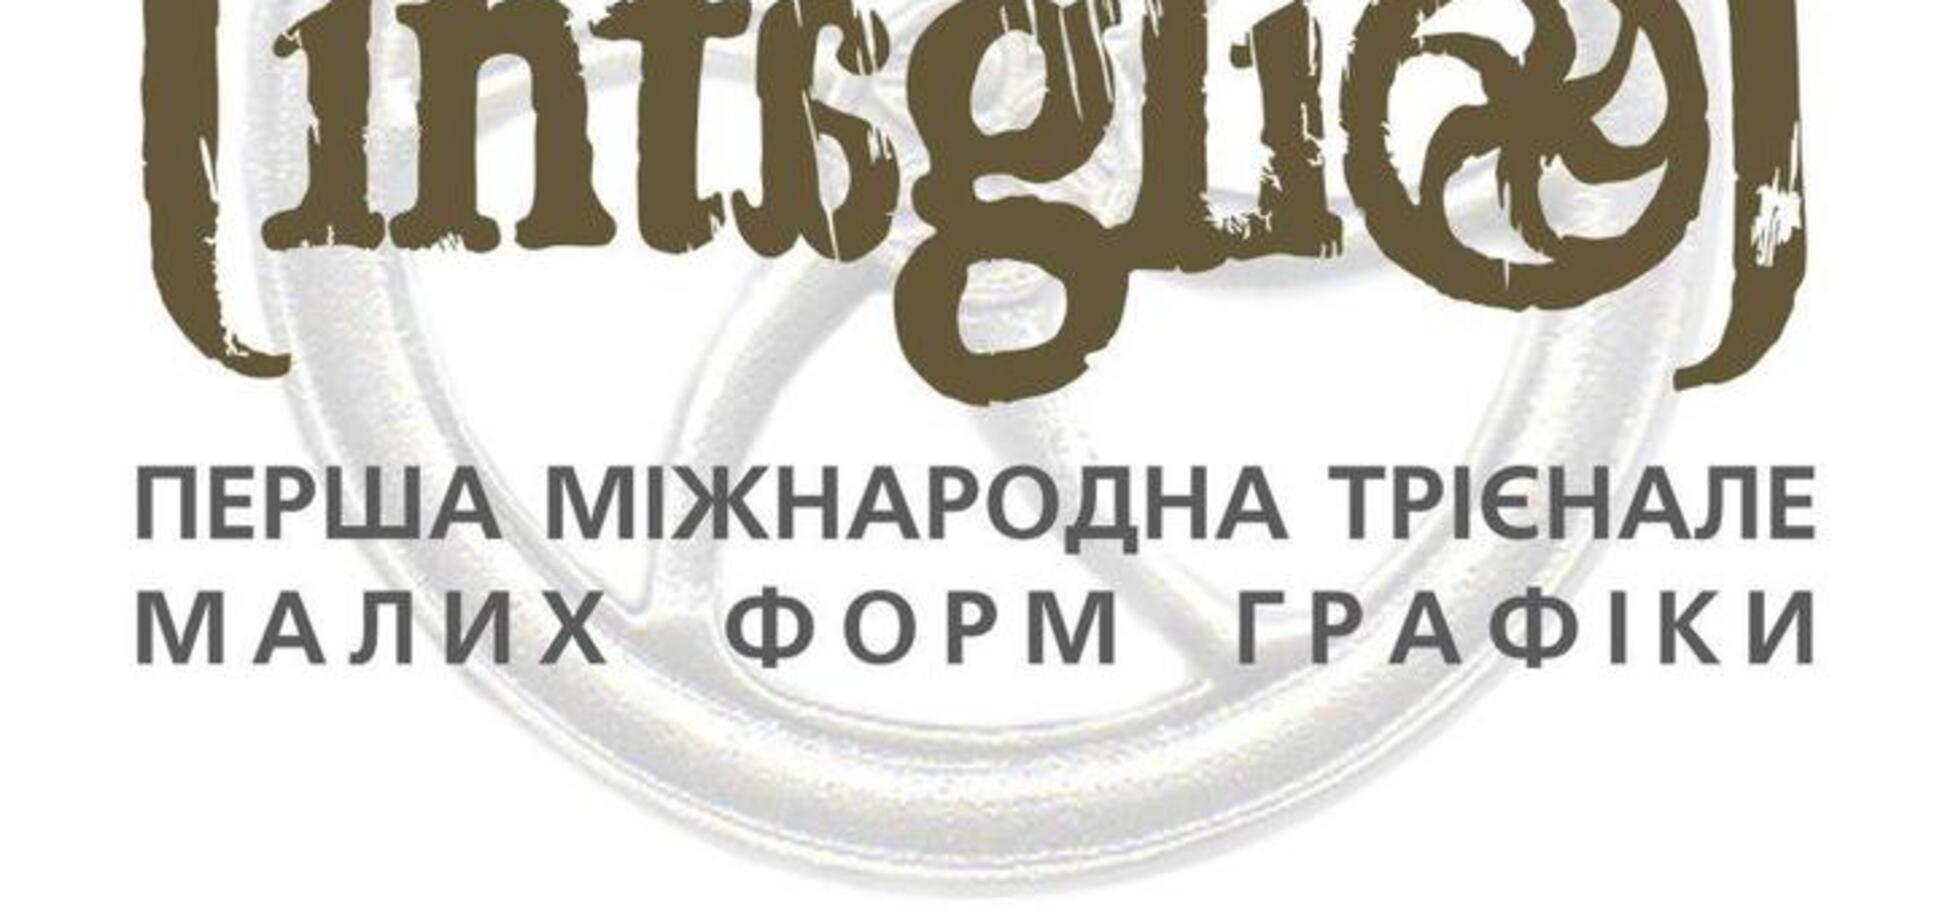 Во Львове будут экспонироваться миниатюрные эстампы с Триеннале Малых Форм Графики 'Intaglio'